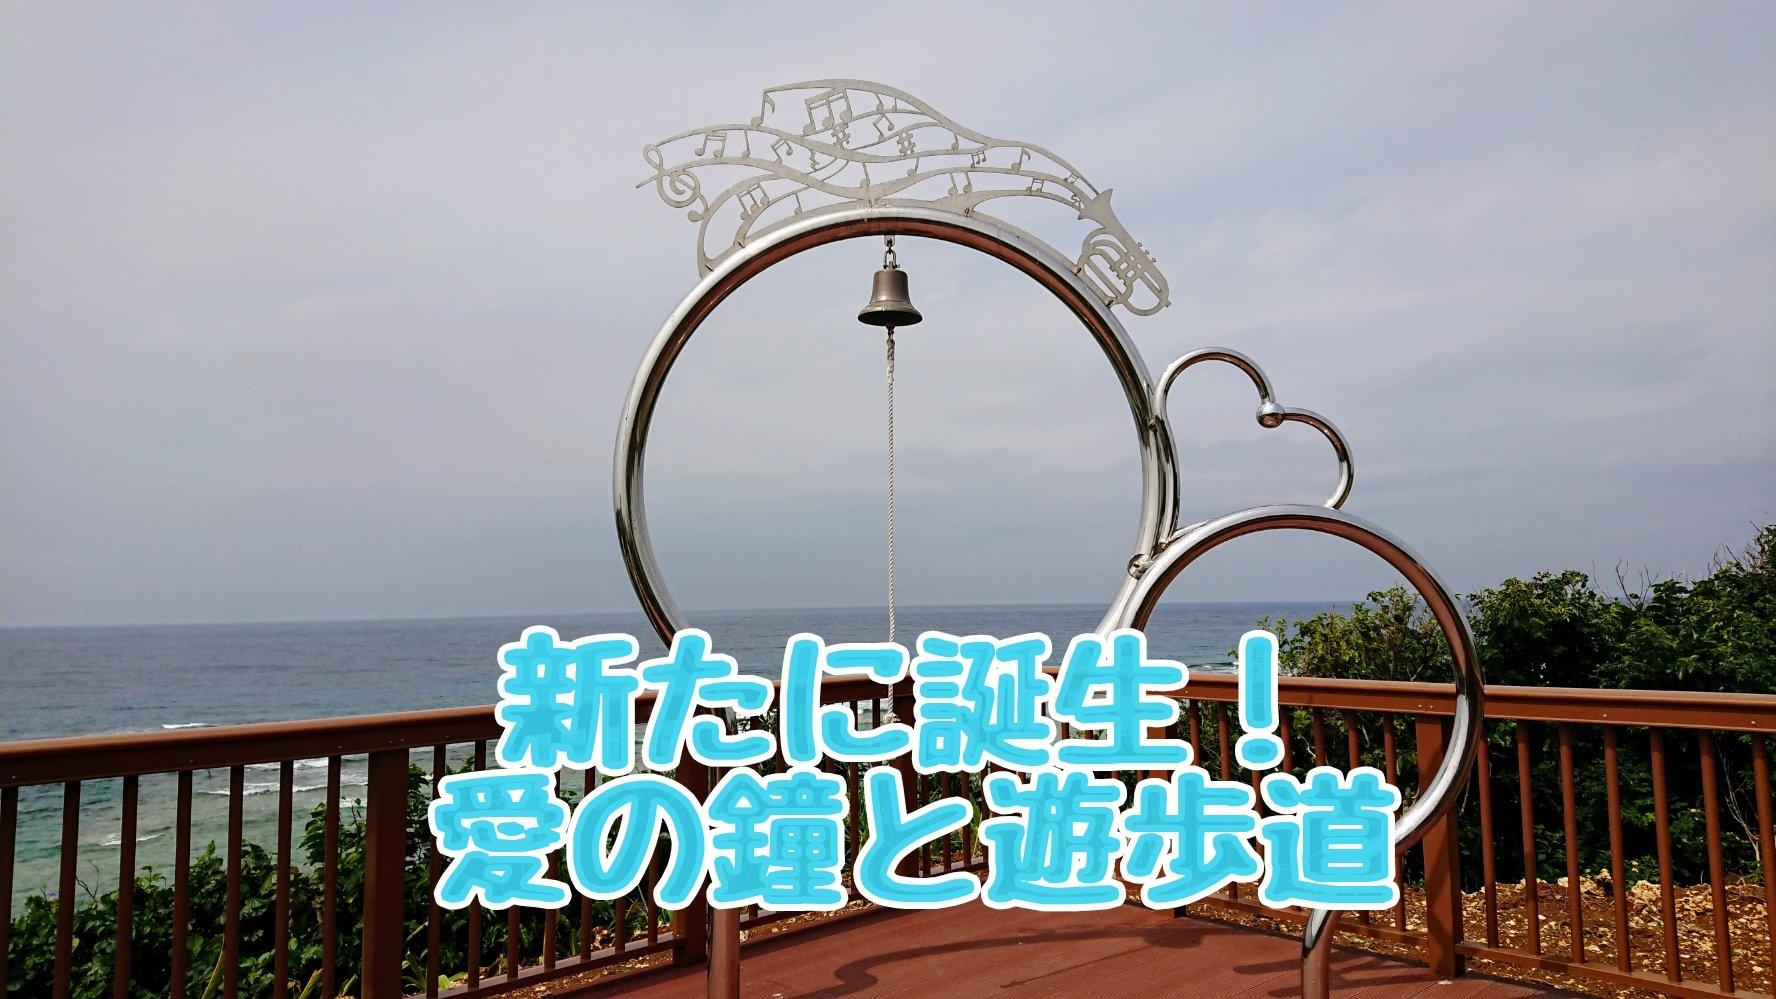 与論島に誕生!愛の鐘と遊歩道